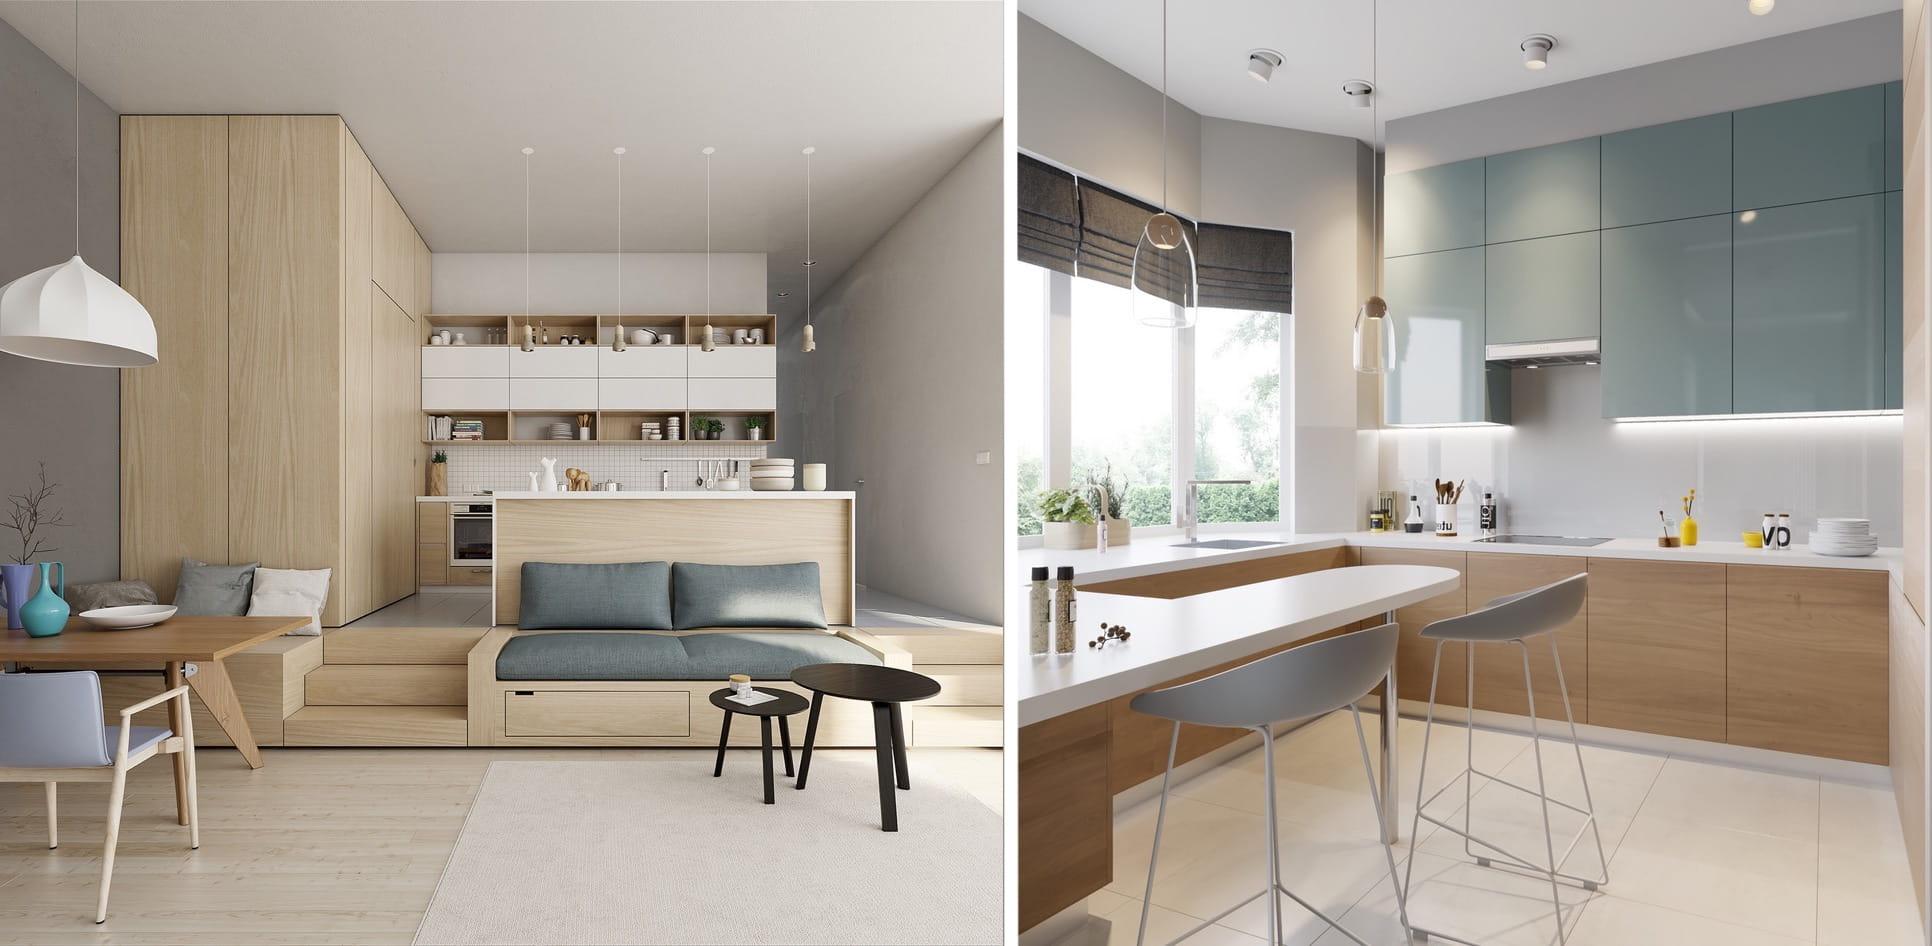 Поэтапная планировка маленькой кухни - важнейший этап дизайн-проекта